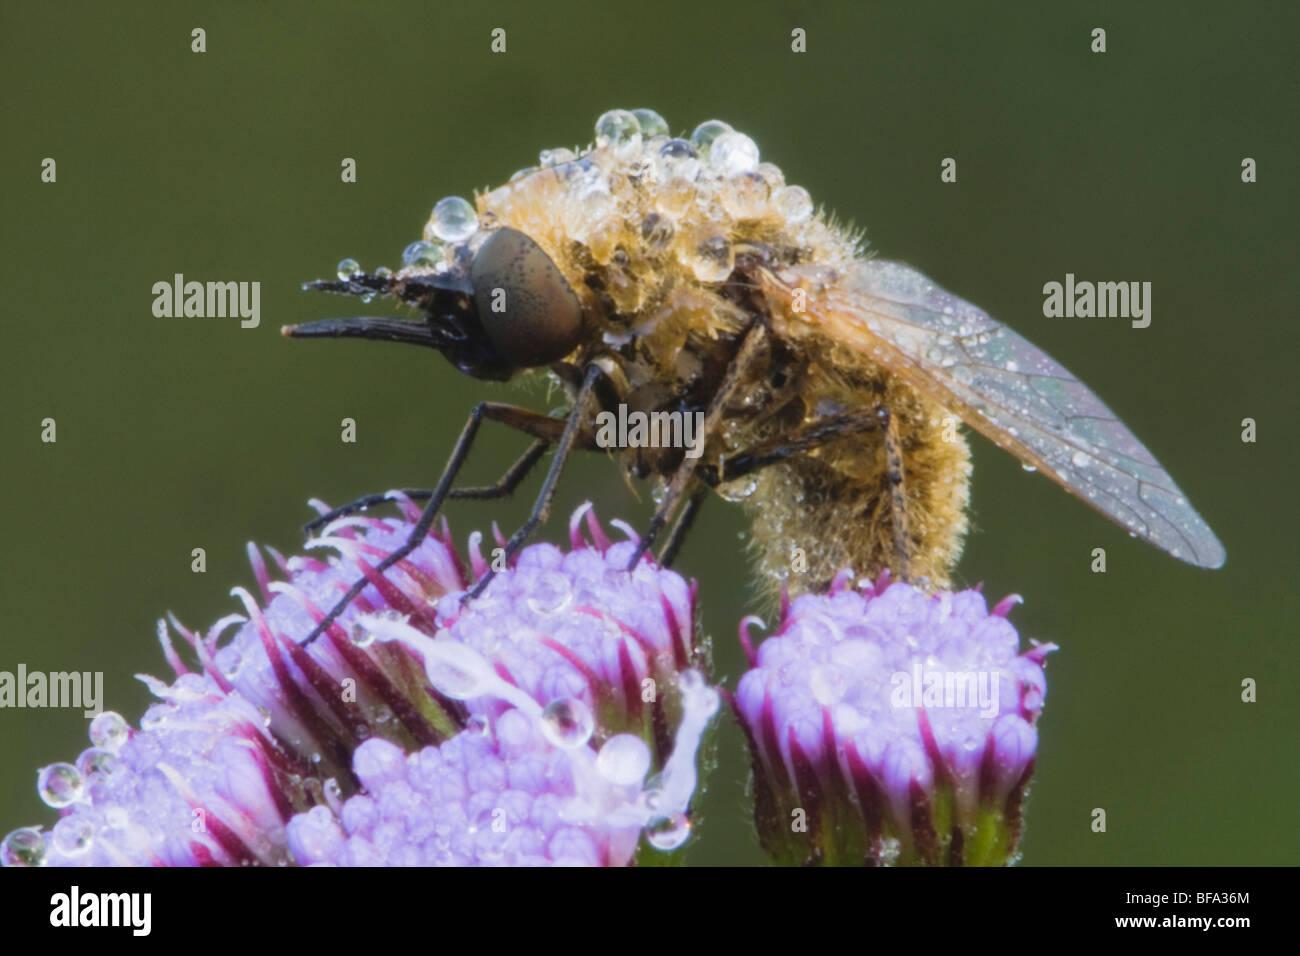 Fliegen (Diptera), Tau bedeckt auf Blume, Angier, North Carolina, USA Stockbild